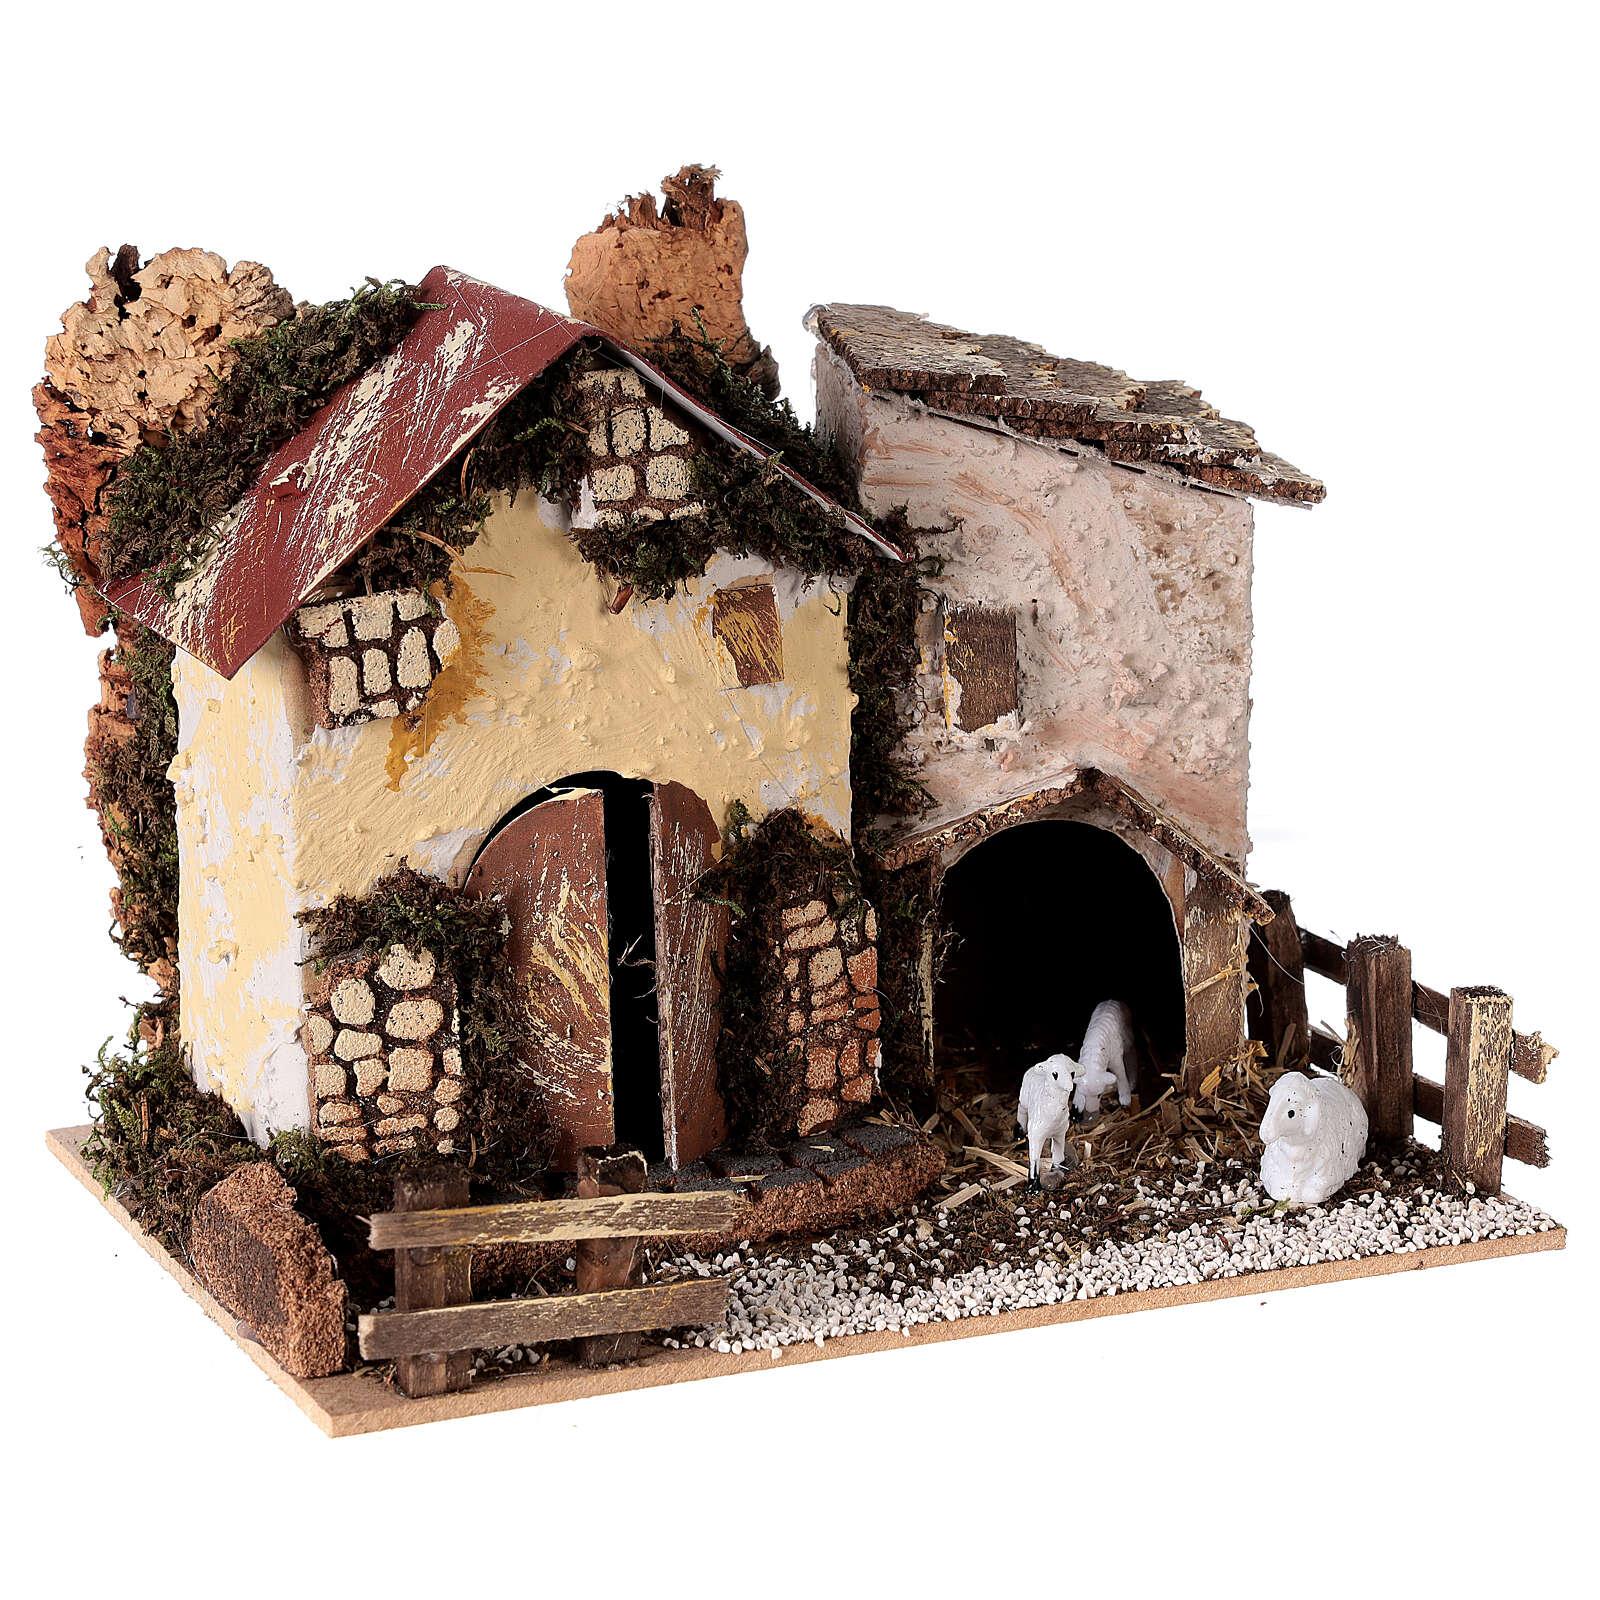 Casa de campo com ovelhas para presépio com figuras altura média 8-10 cm; medidas: 15x20x15 cm 4